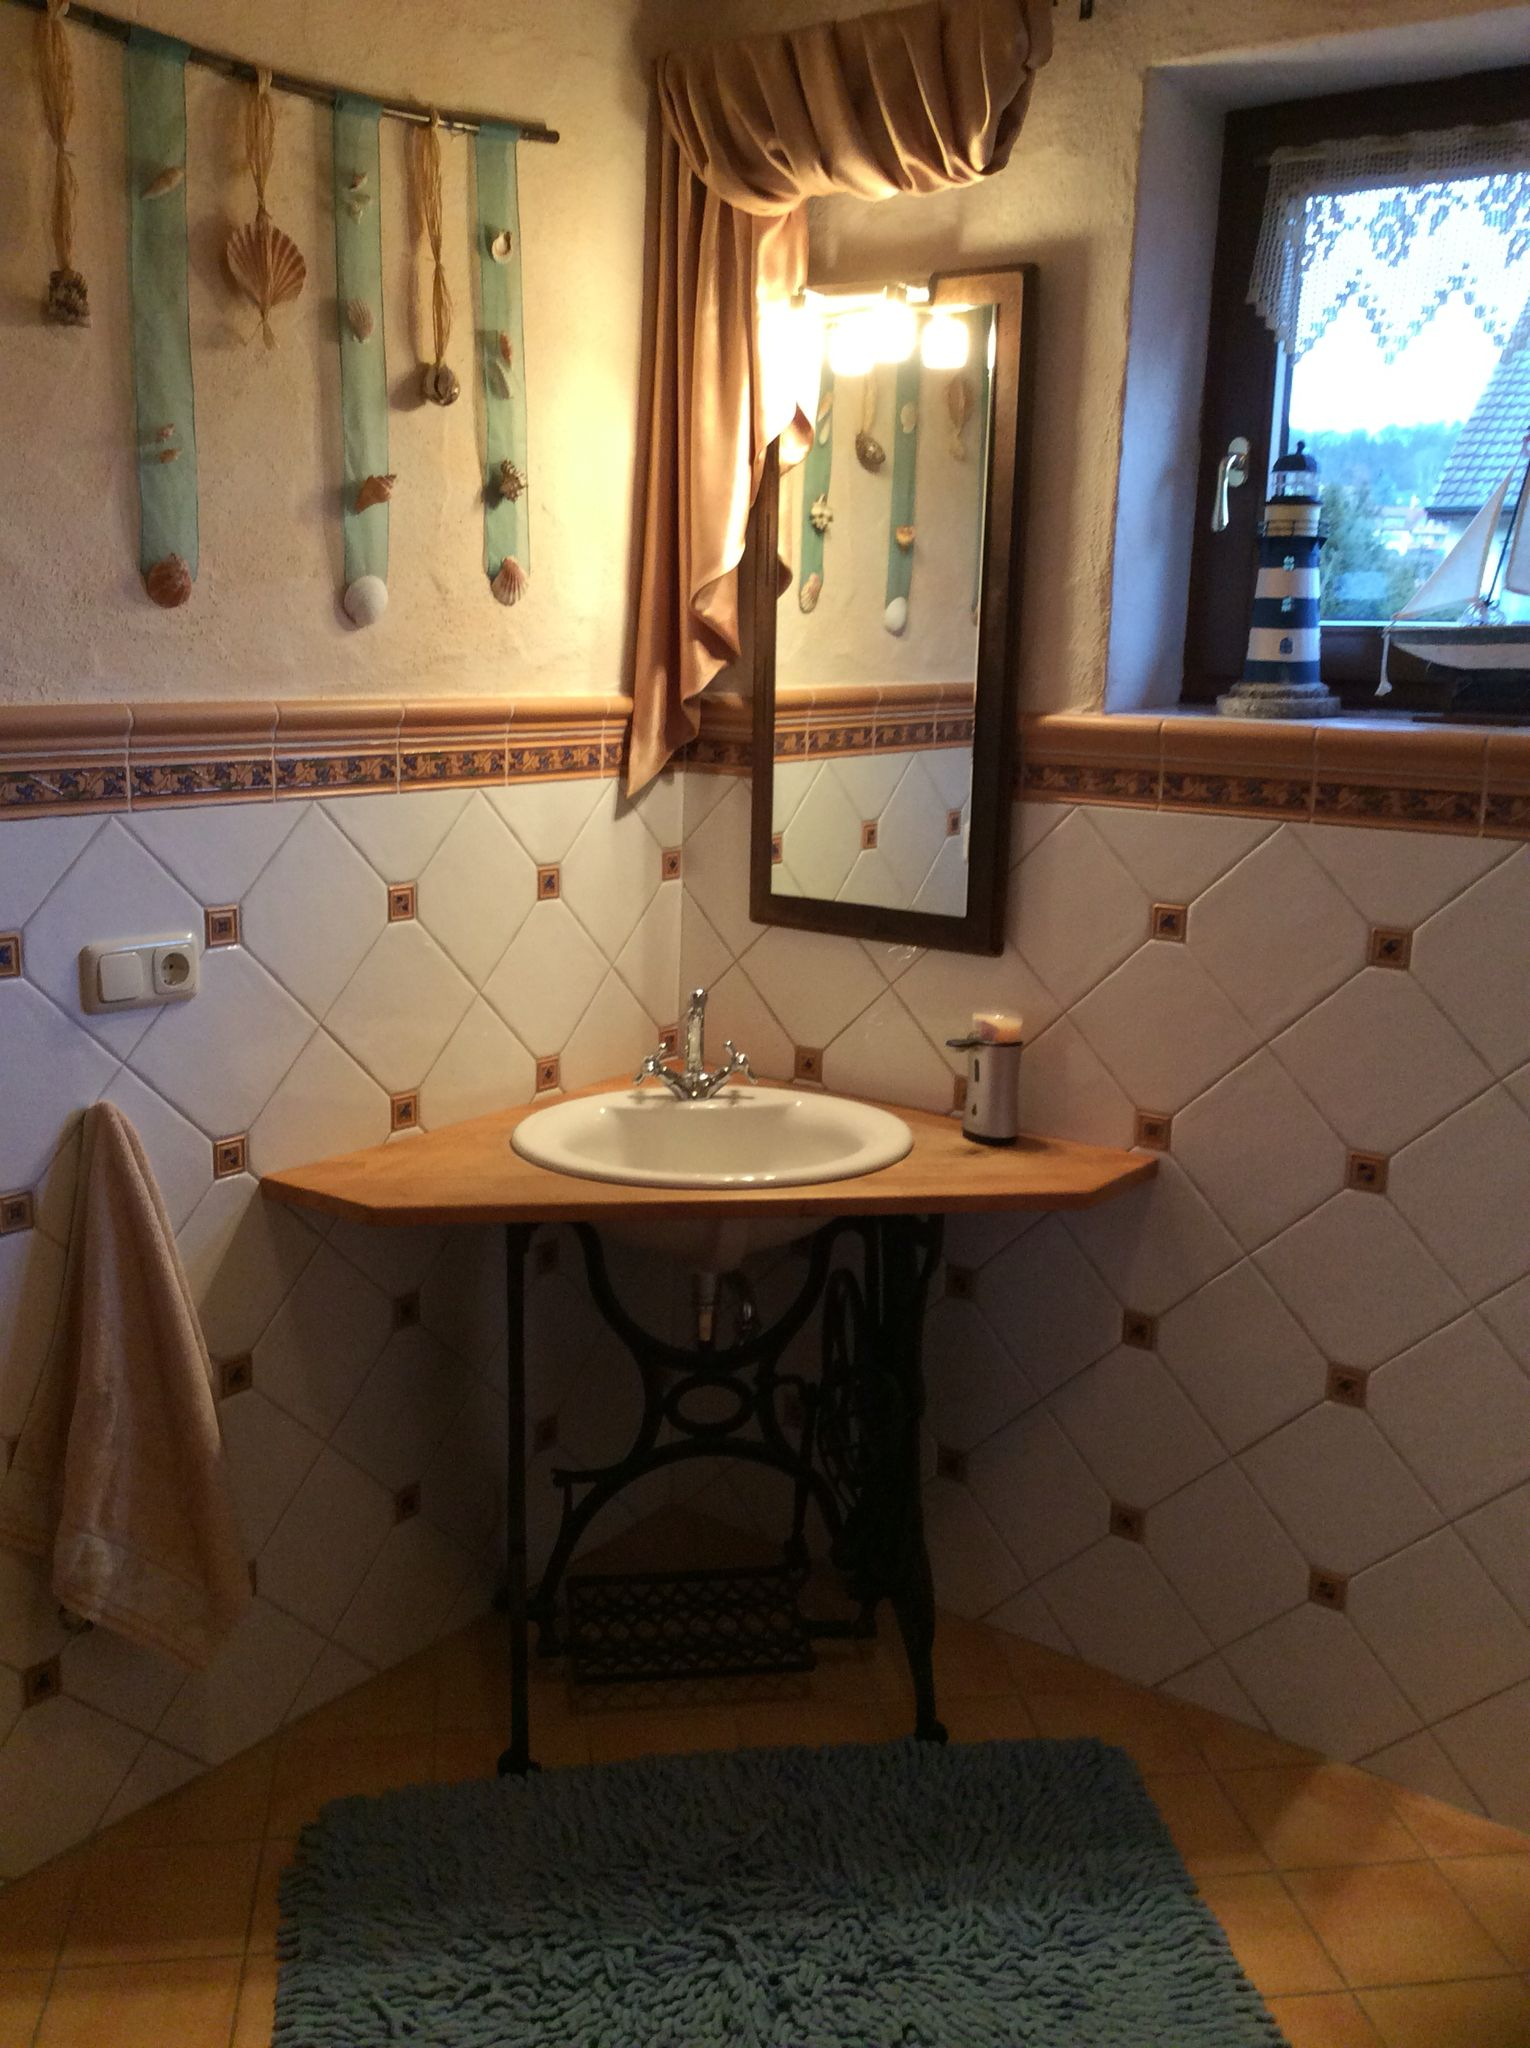 Waschtisch Aus Altem Nahmaschinengestell Der Spiegel Wurde Auf Der Alten Abdeckplatte Montiert Waschtisch Bad Design Einrichtung